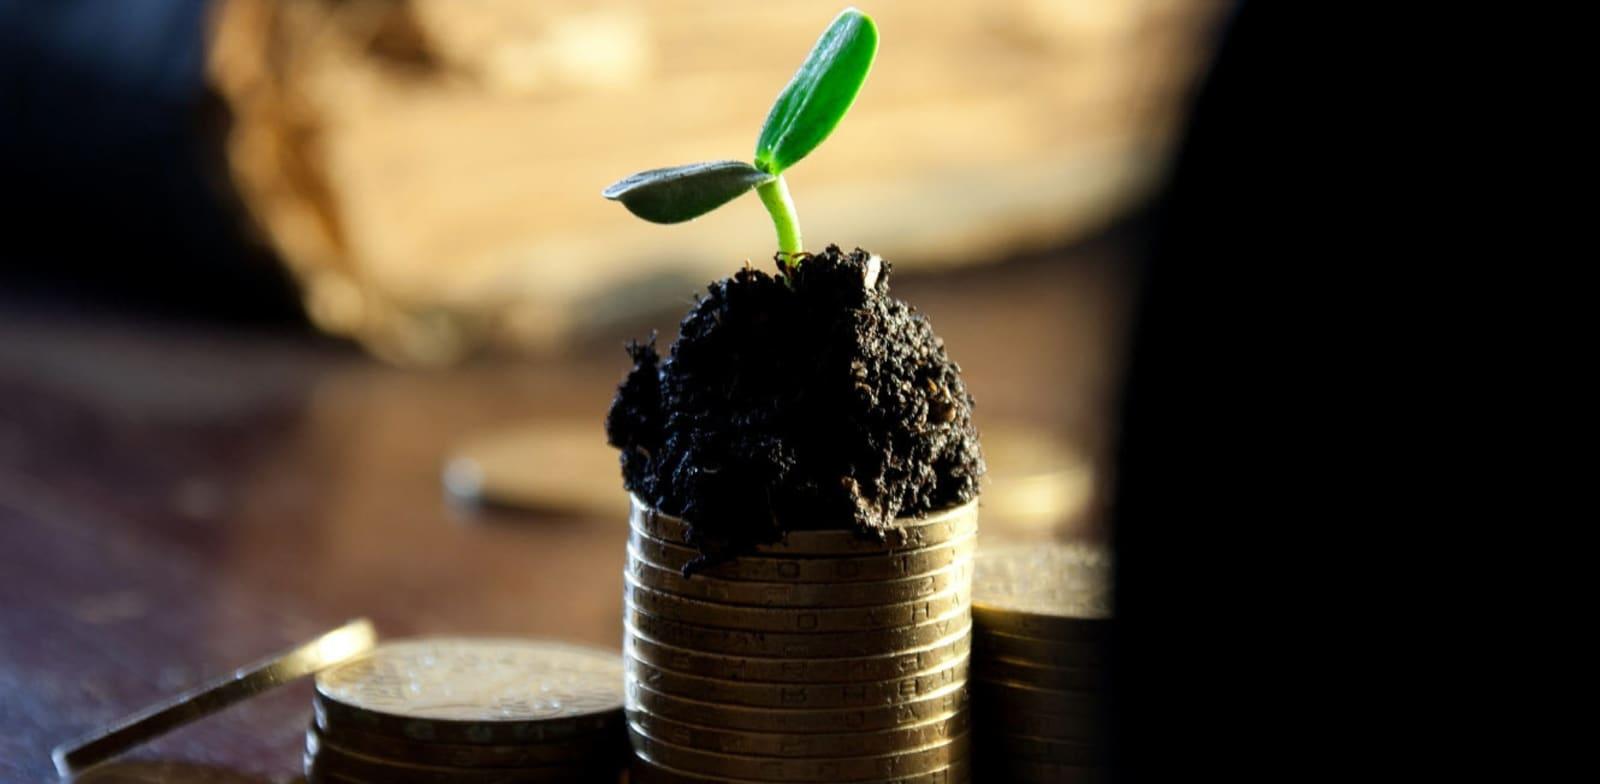 בנק LGT נמצא בחזית הקיימות והשקעות אימפקט ופתוח לאפיקי השקעה מסורתיים ואלטרנטיביים / צילום: באדיבות בנק LGT